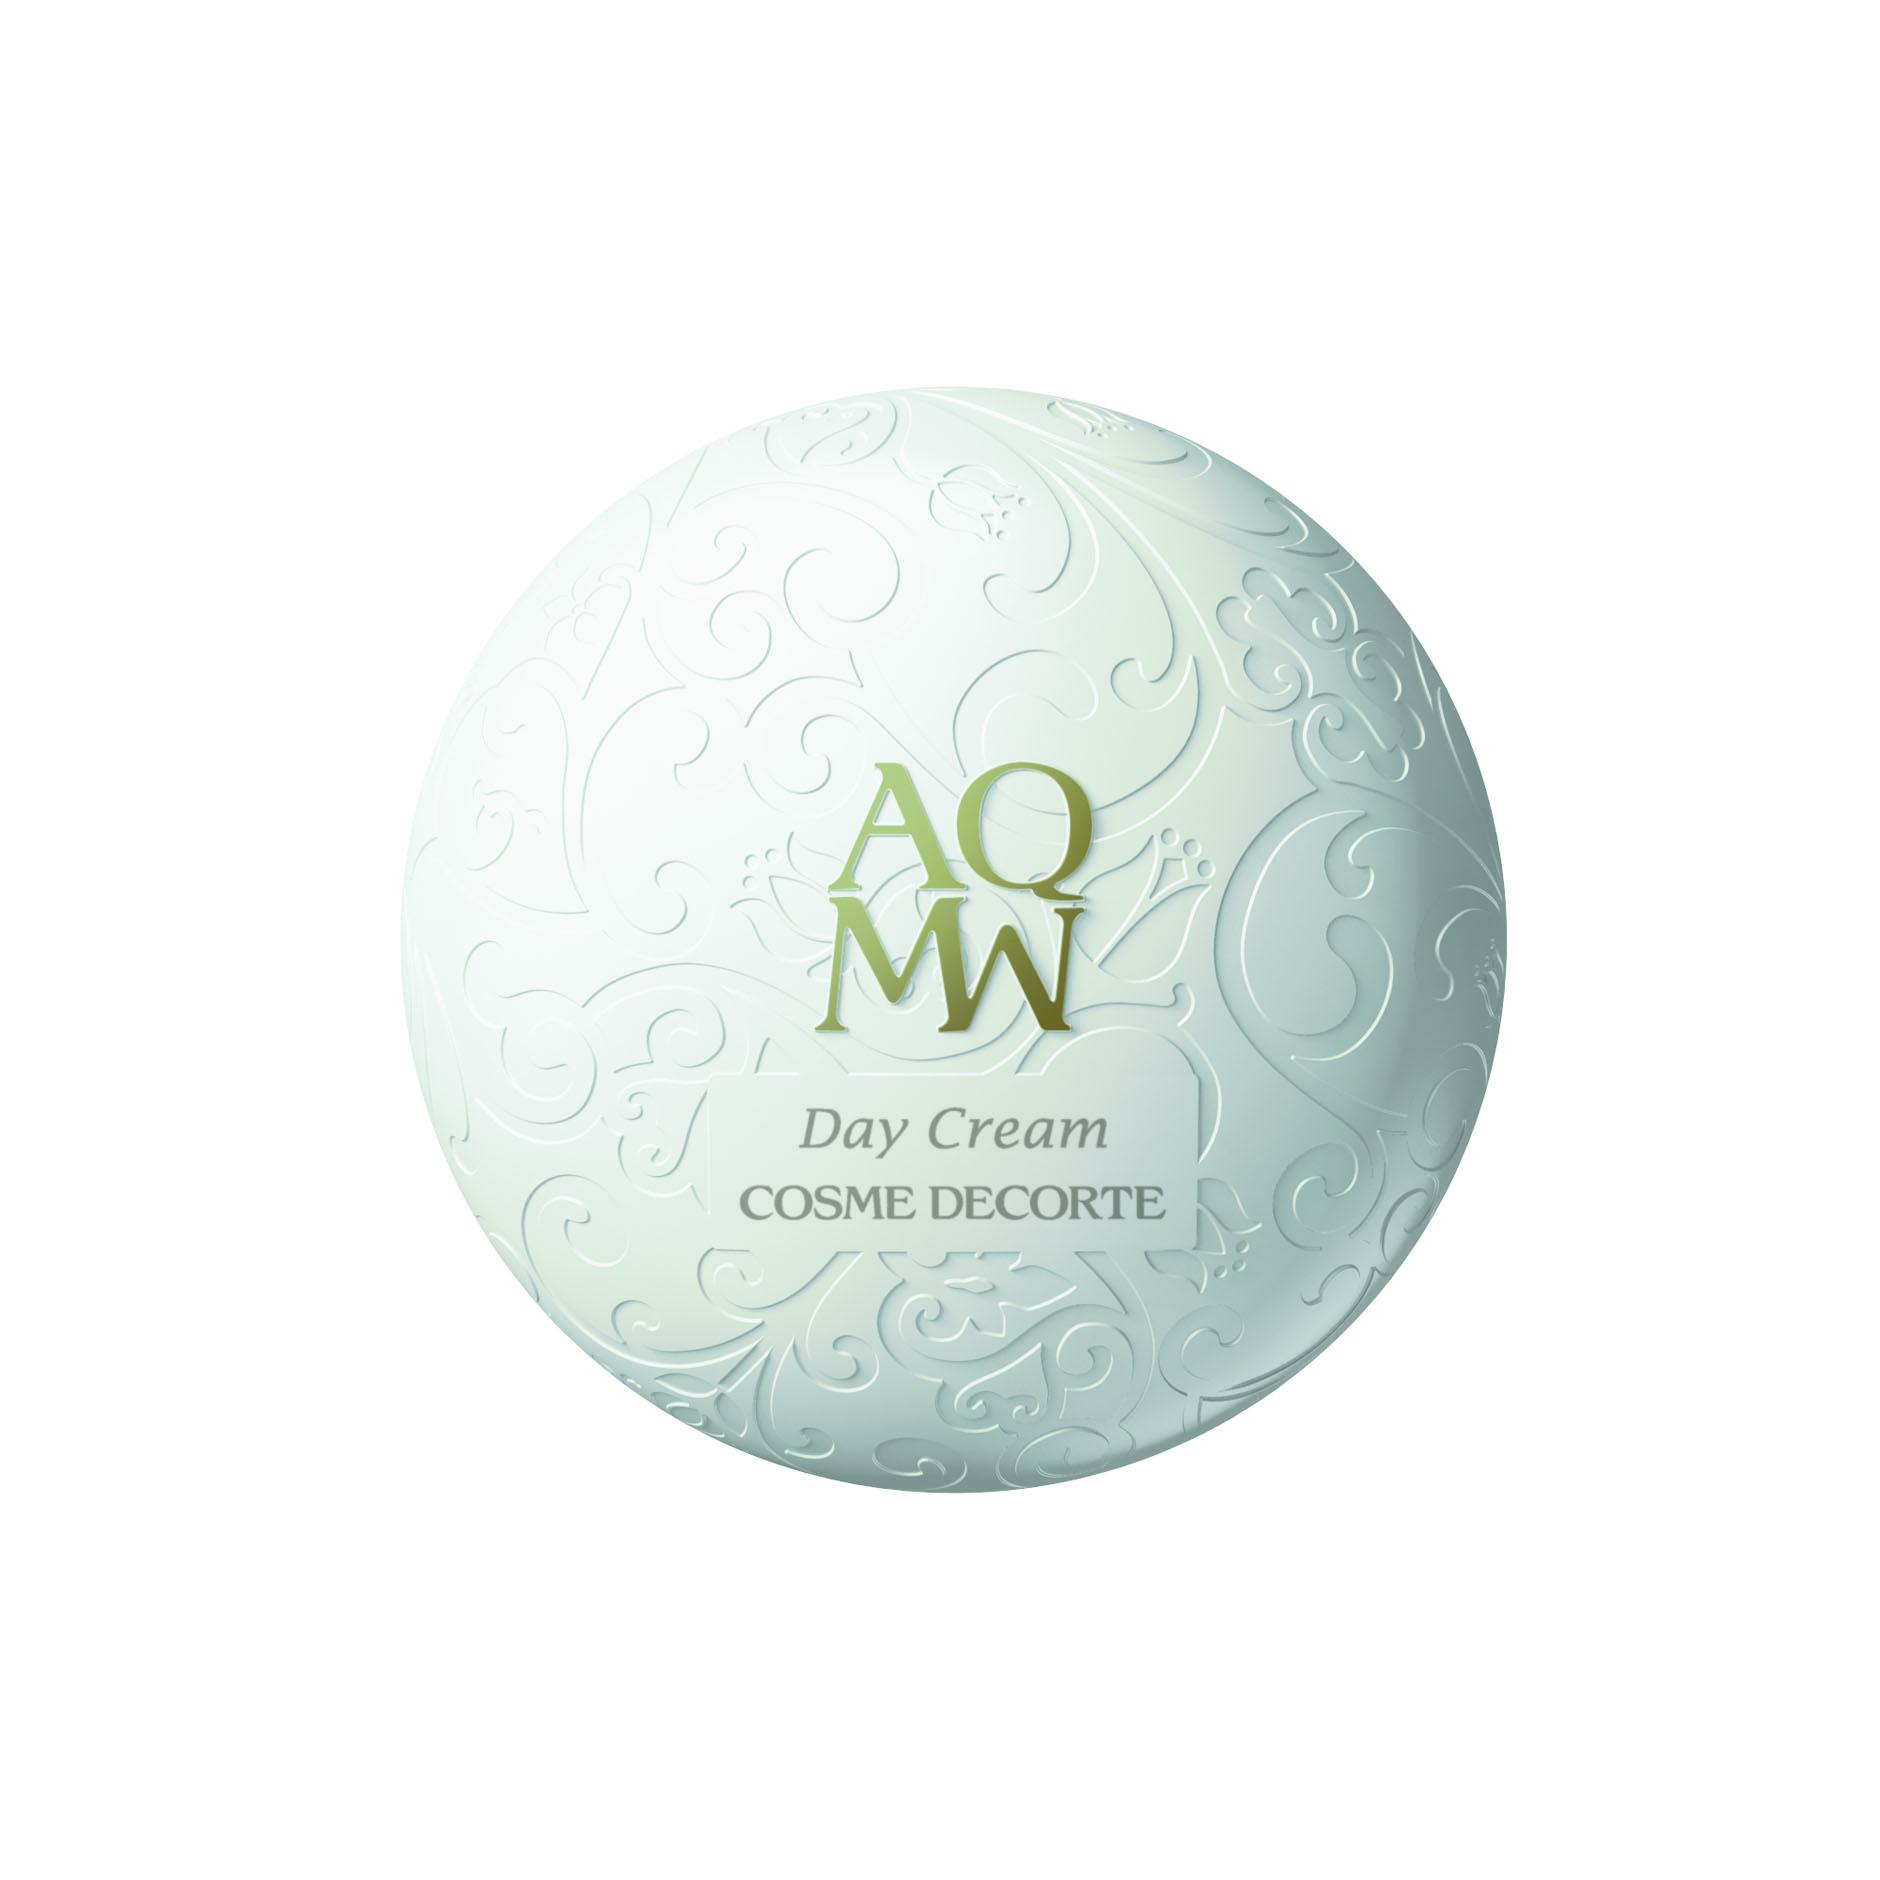 Decorté AQMW DAY CREAM: Antiossidante